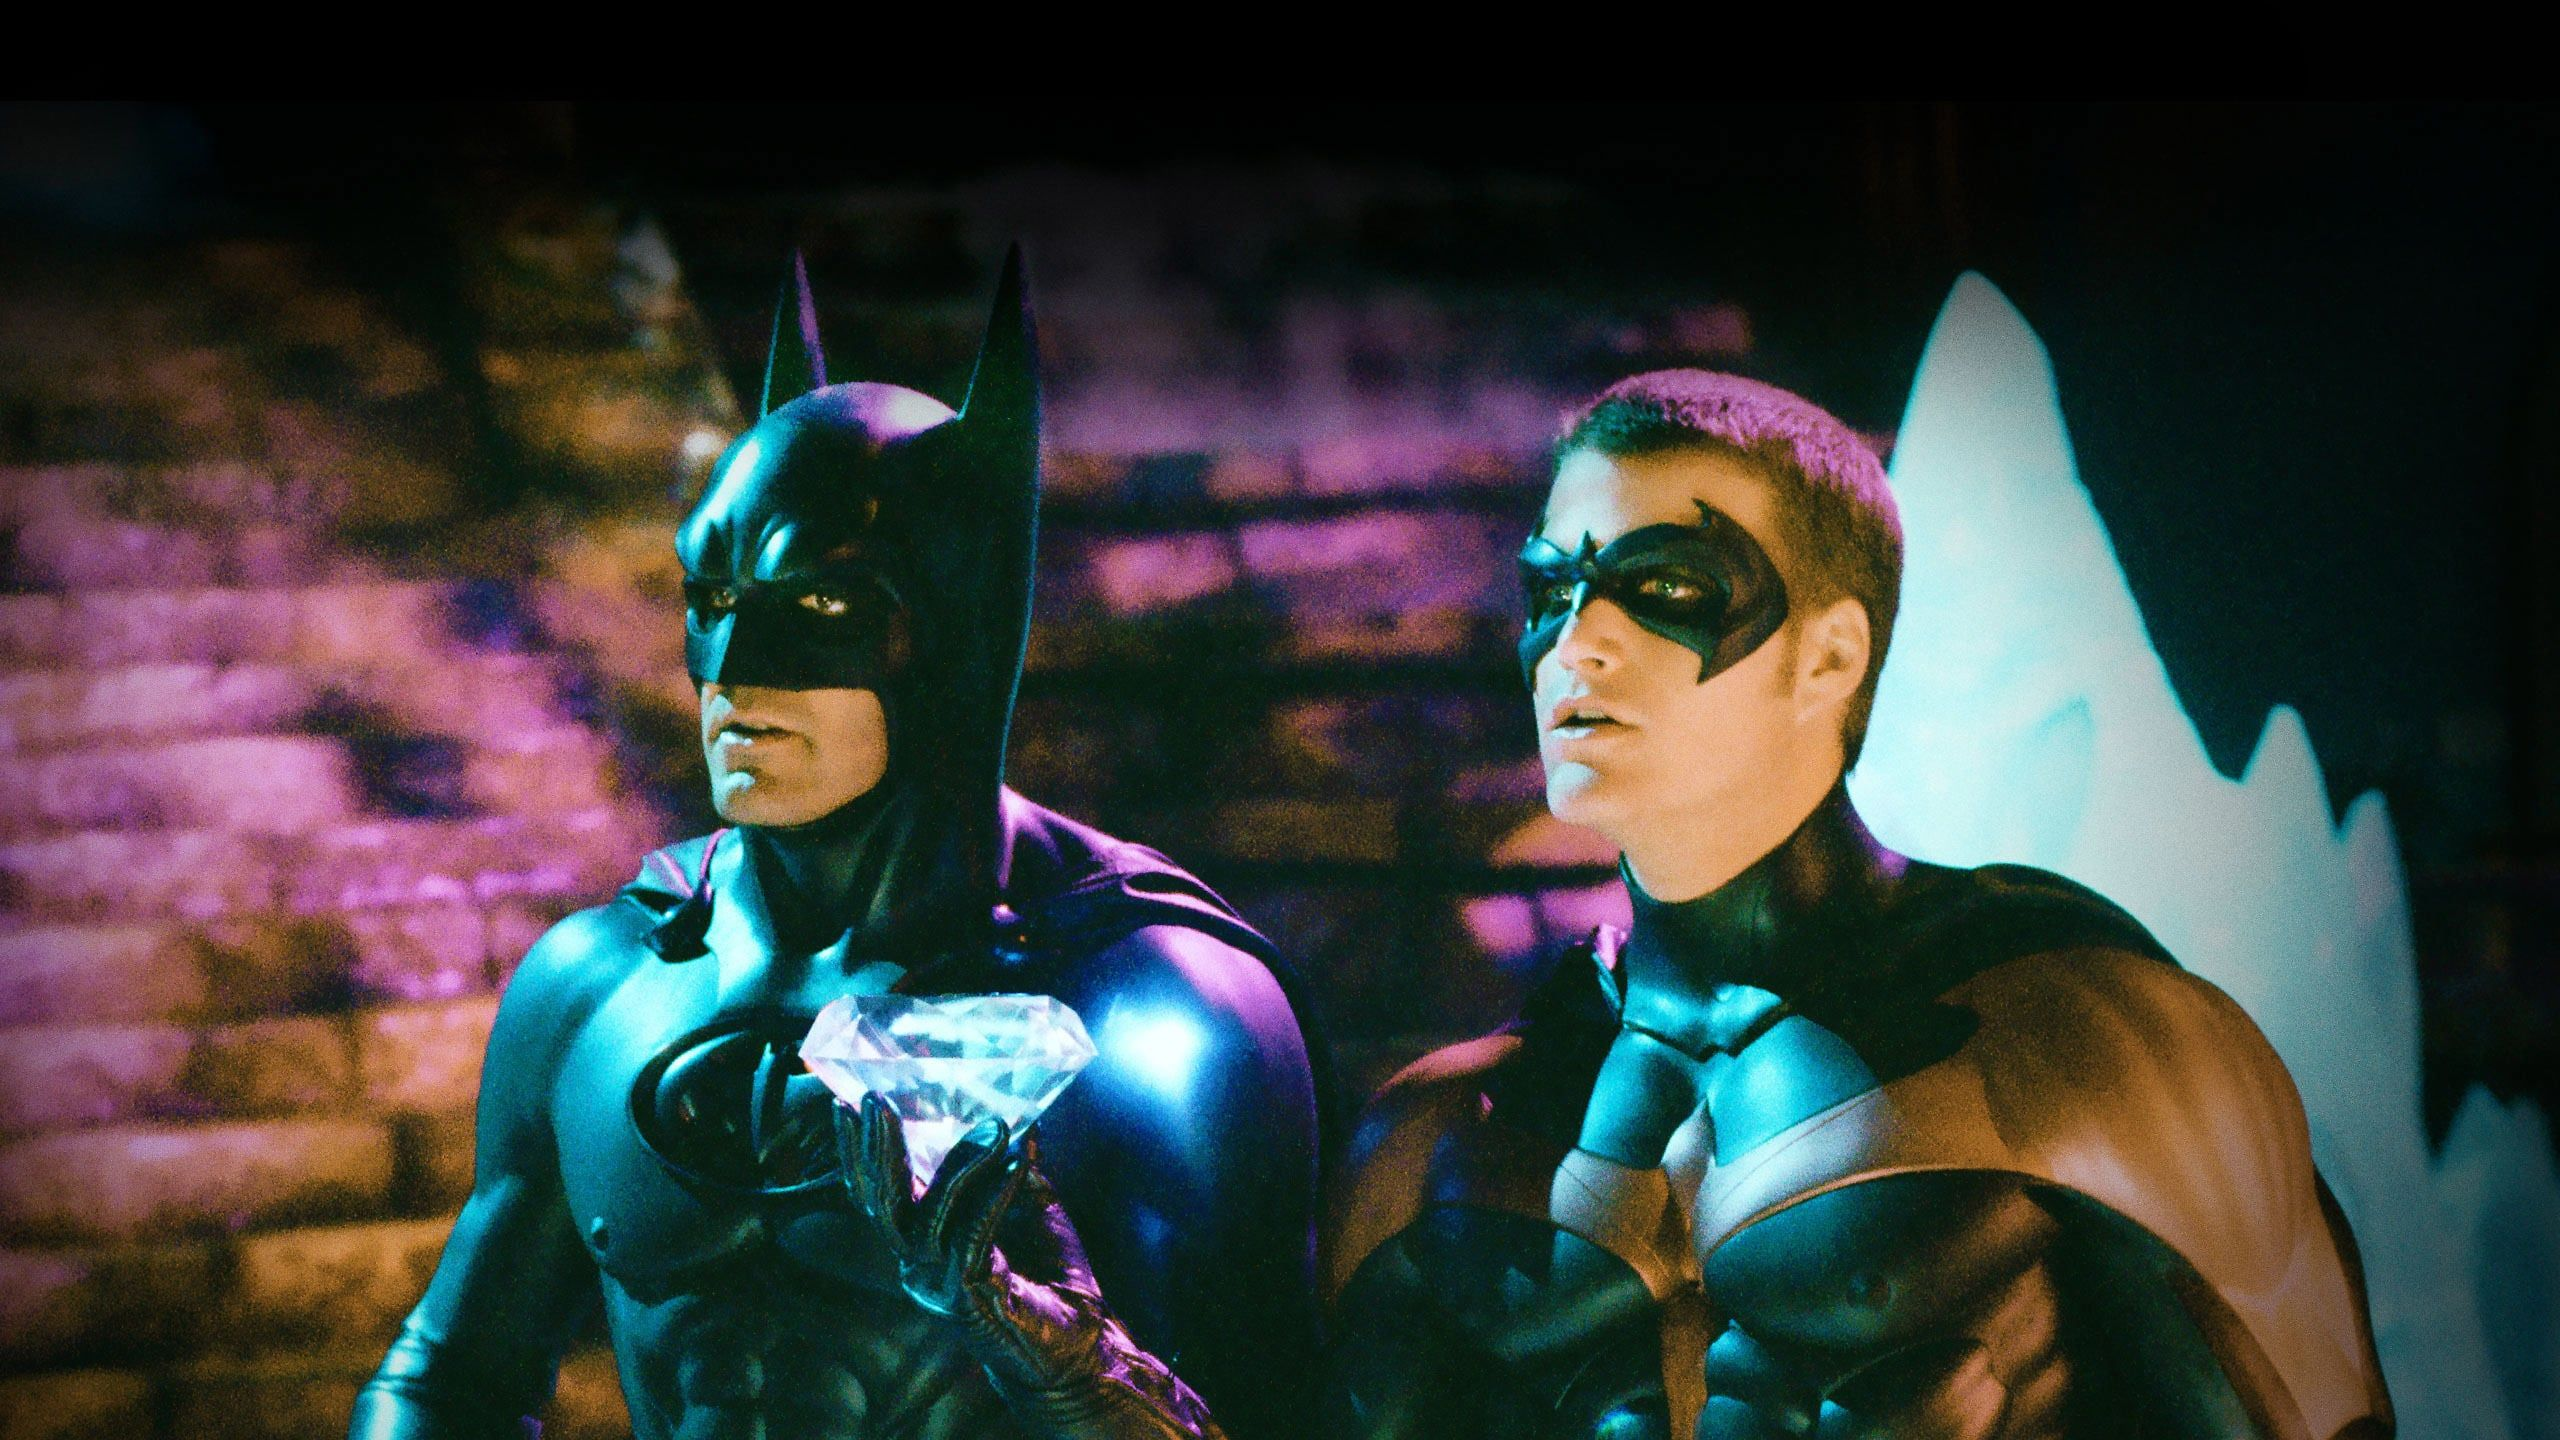 Altadefinizione Batman 1997 Streaming Ita Cb01 Film Completo Cinema Guarda Batman Italiano 1997 Film Streaming Batman And Robin Movie Batman Batman Robin